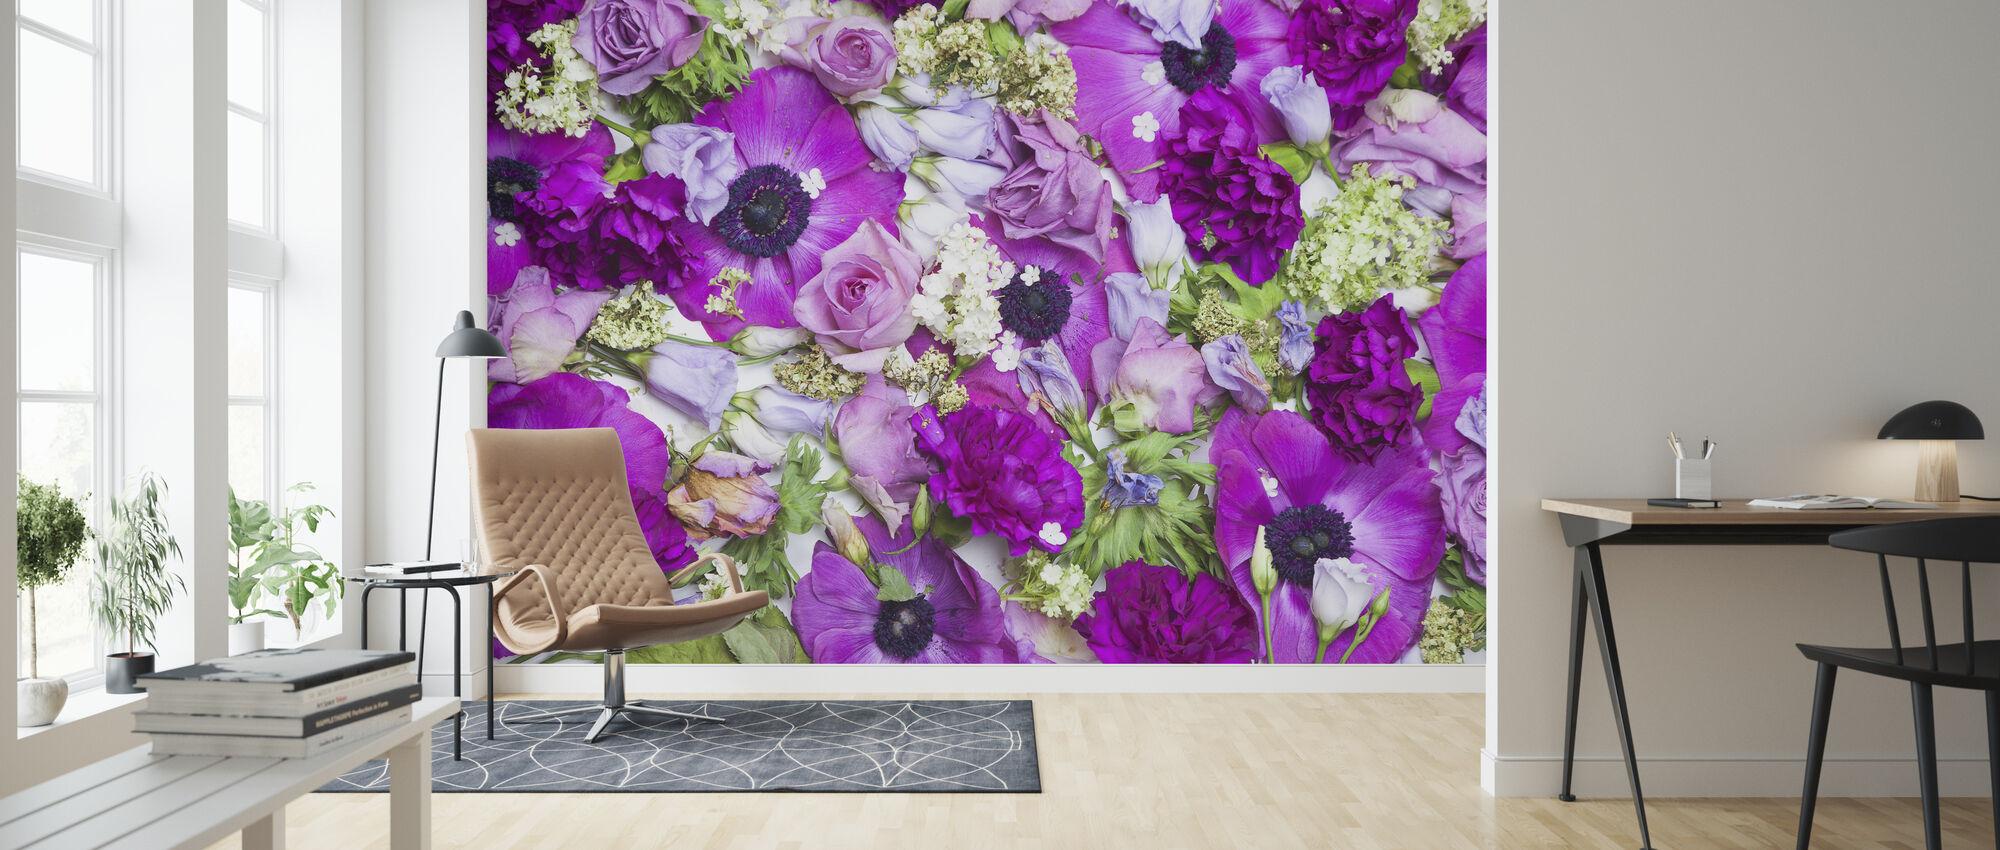 Fresh Flowers - Wallpaper - Living Room